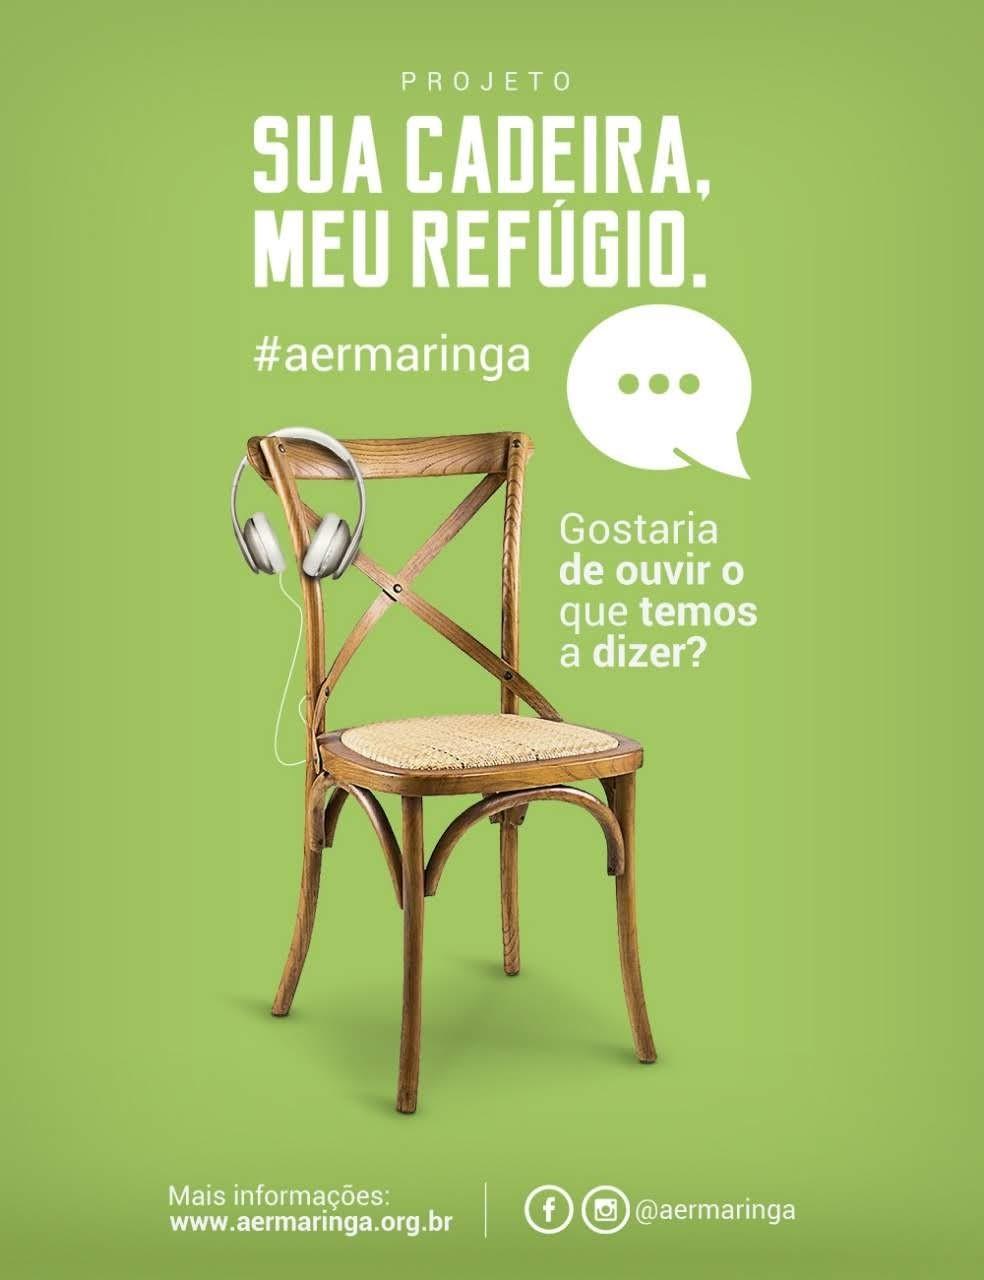 Cadeira em que se ouve relato de refugiados é uma das ações para marcar a data